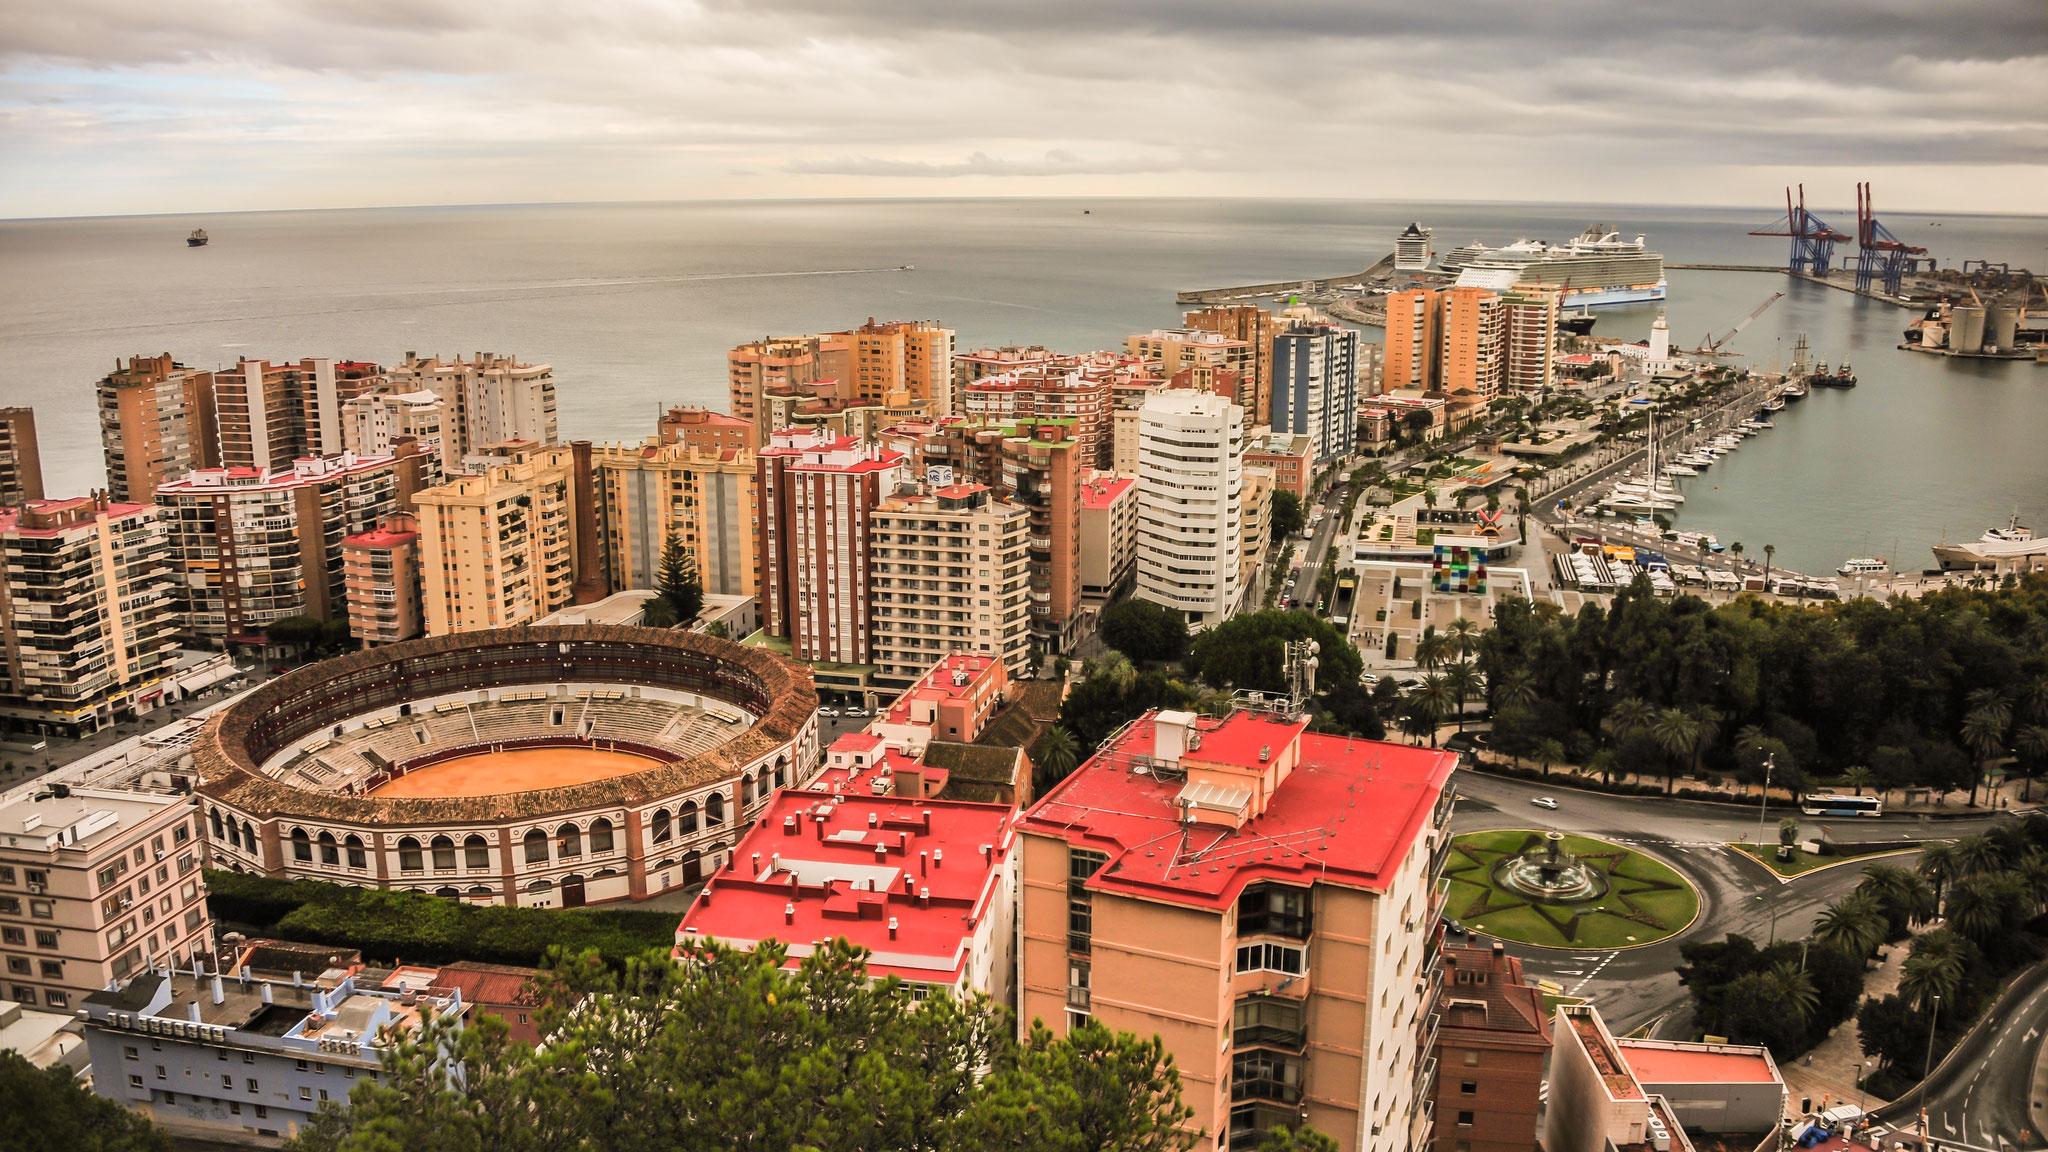 Malaga, Andalucia